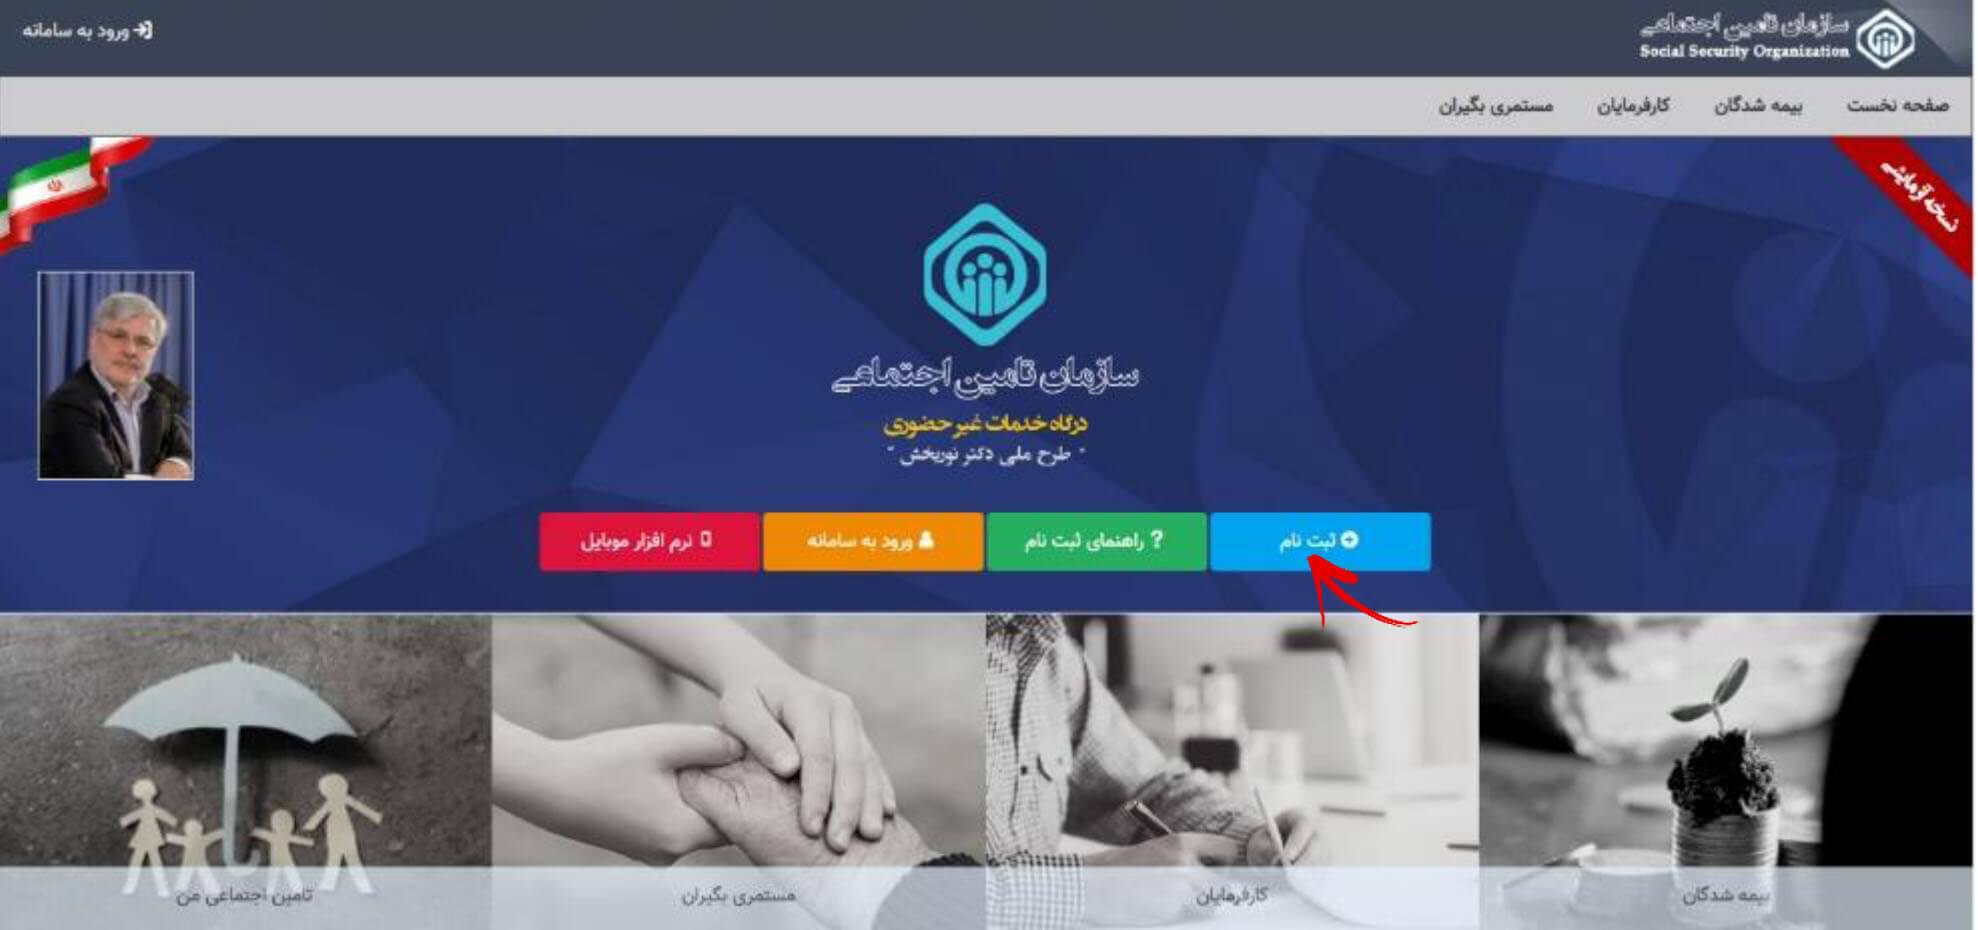 ثبت نام در بیمه تامین اجتماعی